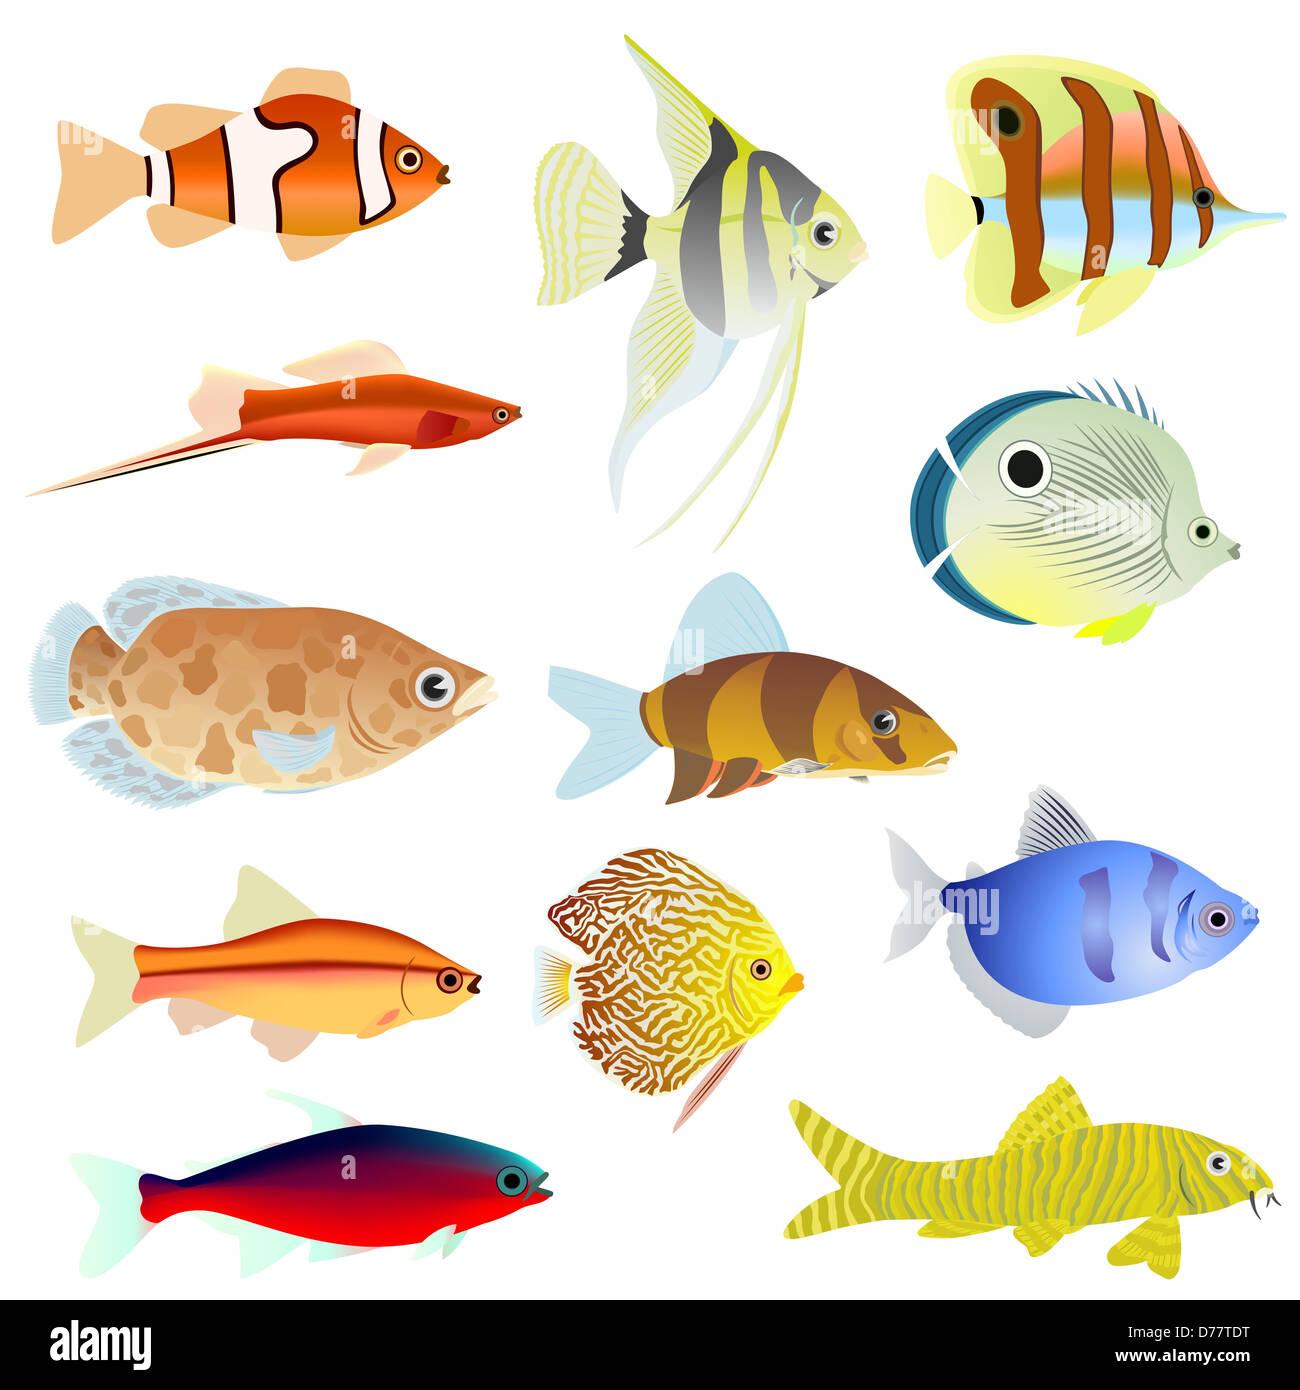 Set of aquarium fish. The illustration on a white background. - Stock Image